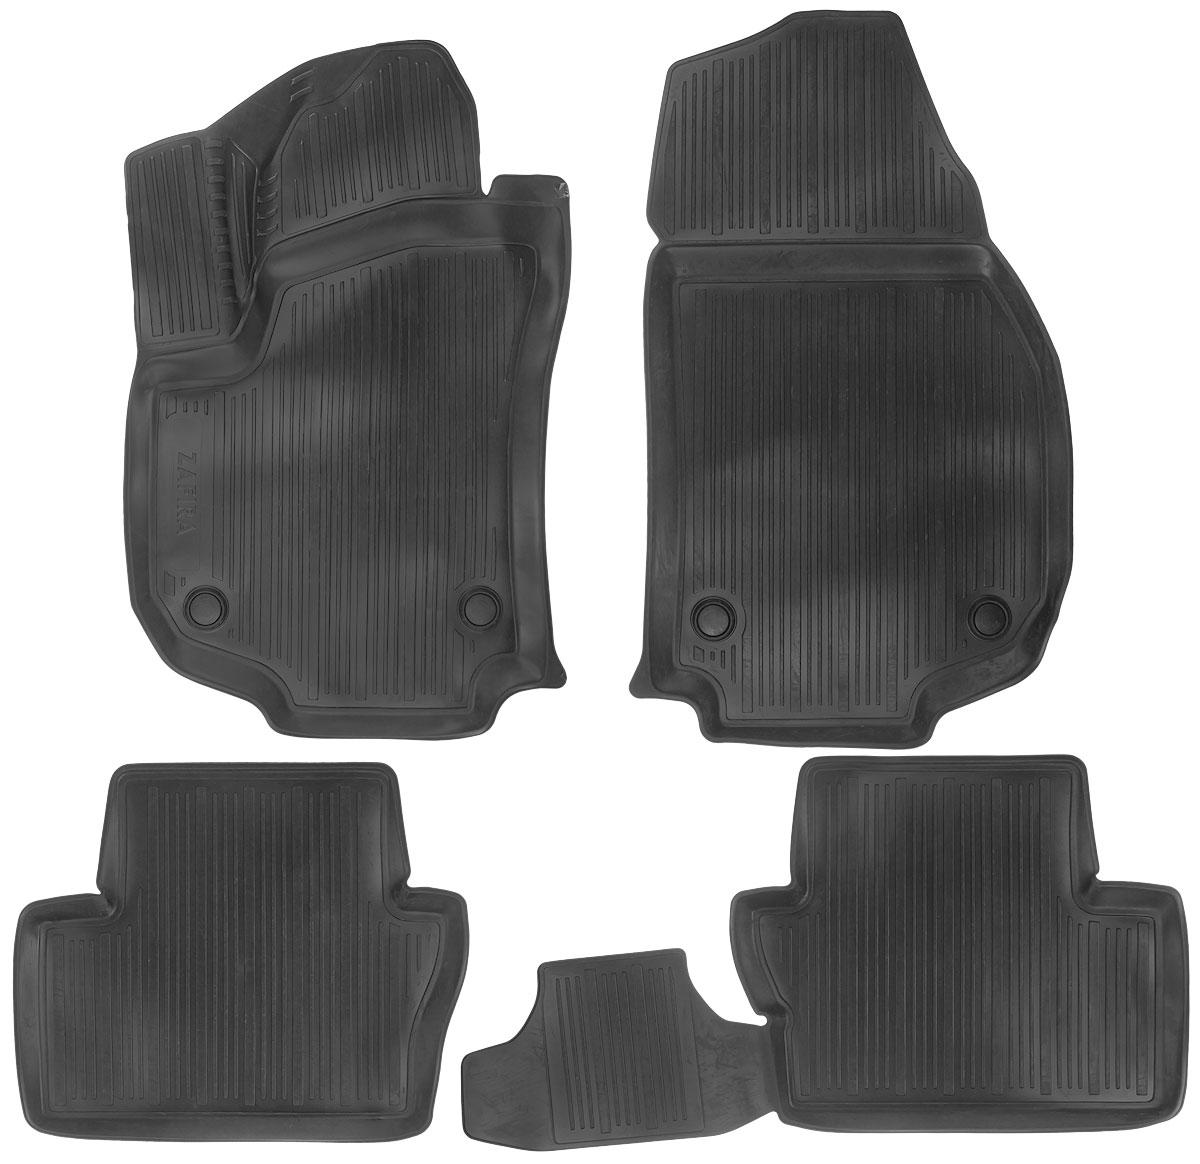 Набор автомобильных ковриков L.Locker Opel Zafira В 2005, в салон, 4 шт0211040501Набор L.Locker Opel Zafira В 2005, изготовленный из полиуретана, состоит из 4 антискользящих 3D ковриков, которые производятся индивидуально для каждой модели автомобиля. Изделие точно повторяет геометрию пола автомобиля, имеет высокий борт, обладает повышенной износоустойчивостью, лишено резкого запаха и сохраняет свои потребительские свойства в широком диапазоне температур от -50°С до +50°С.Комплектация: 4 шт.Размер ковриков: 82 см х 49 см; 53 см х 45 см; 88 см х 45 см; 52 см х 87 см.